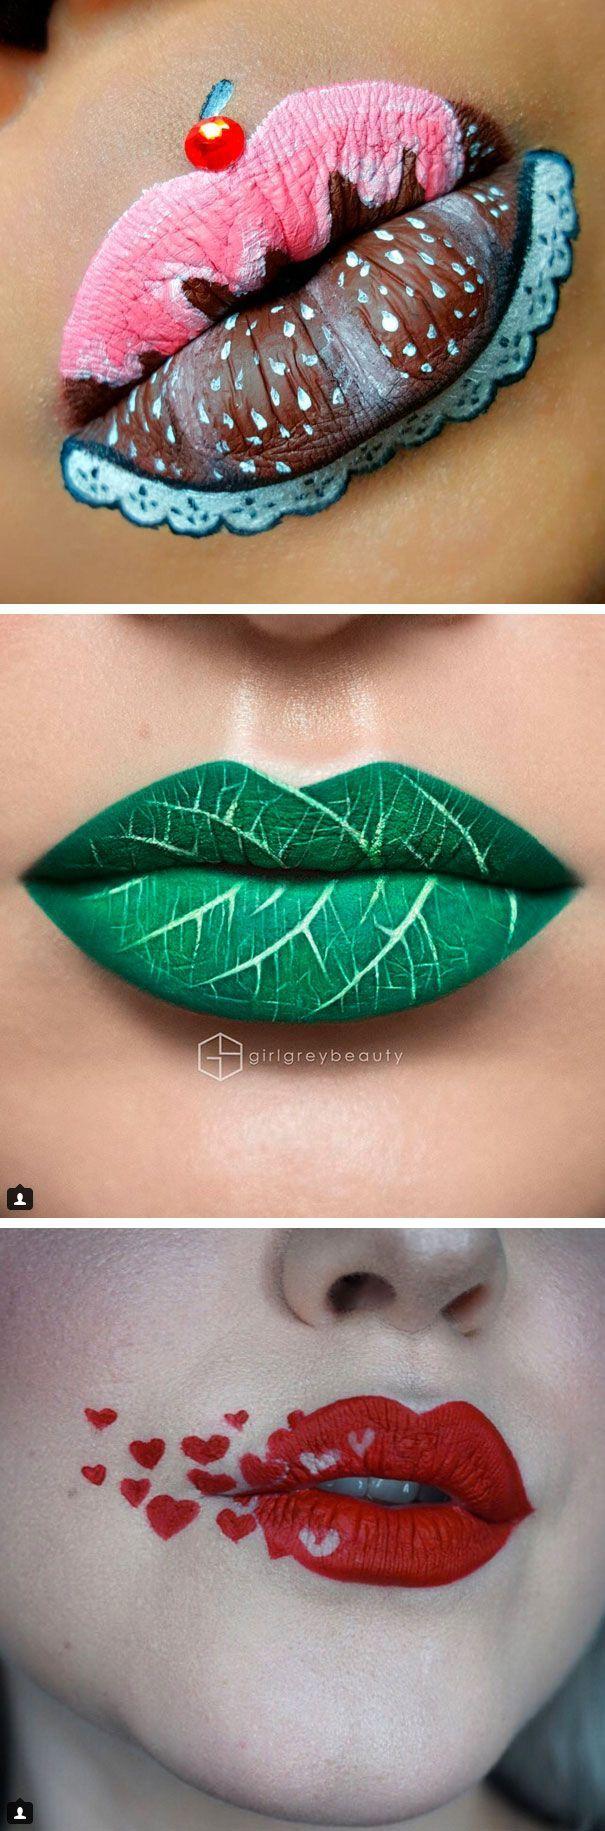 Макияж губы фото с рисунками